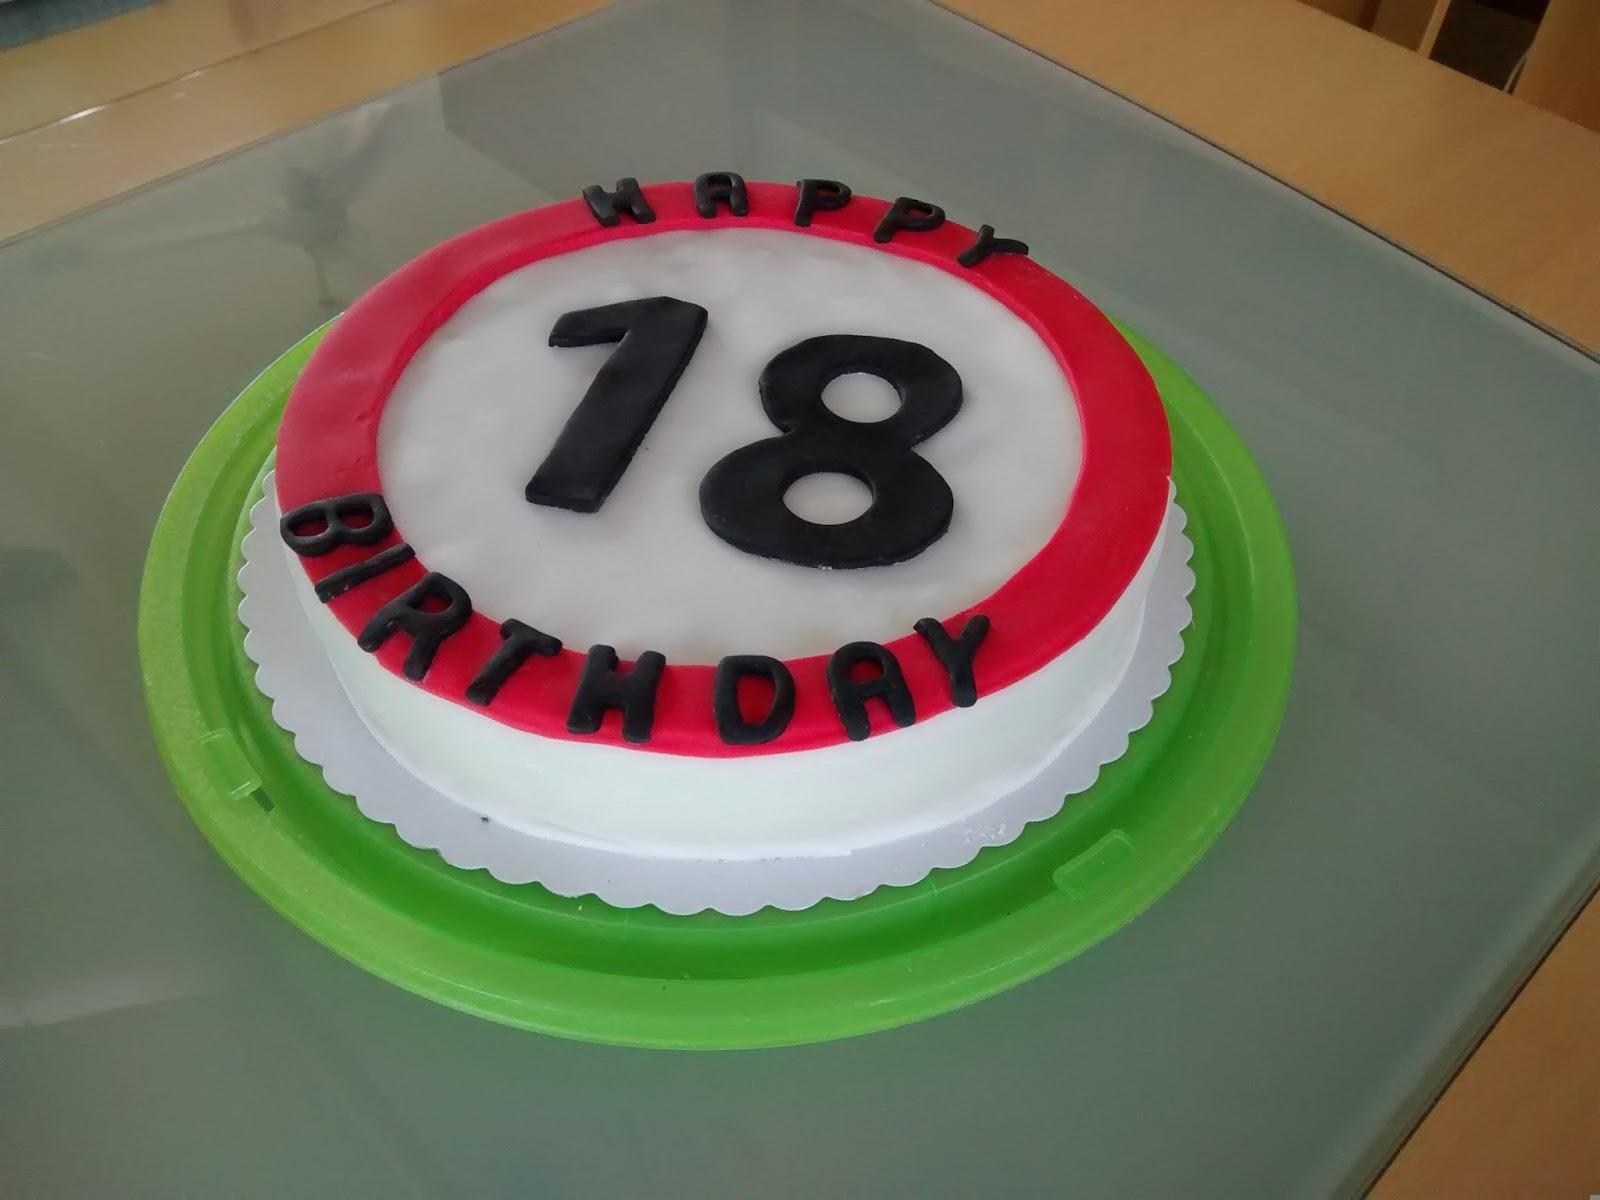 Kuchen Geburtstag Junge Smarties Torte Als Zahlentorte Selber